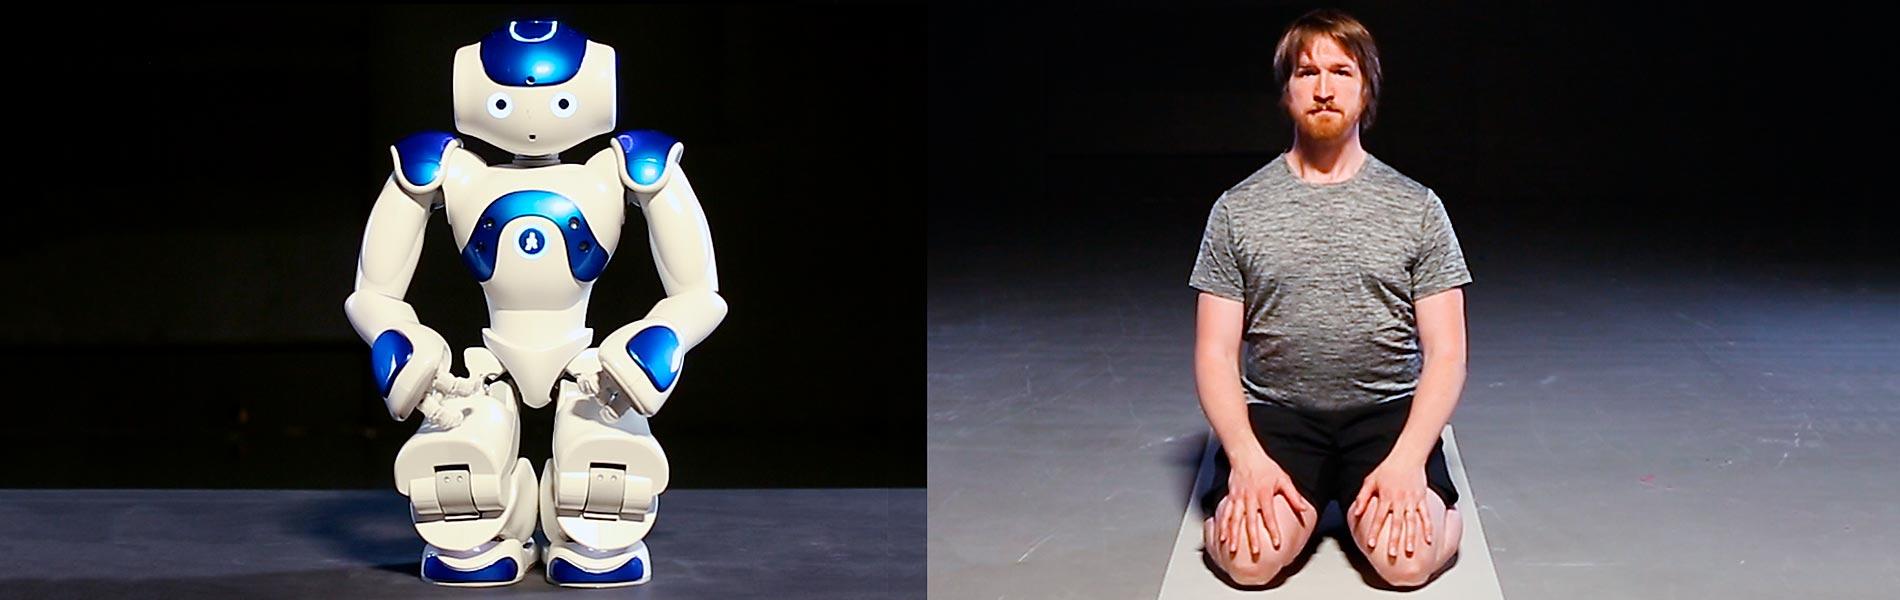 robotyoga med roboten Alex och människan Robin